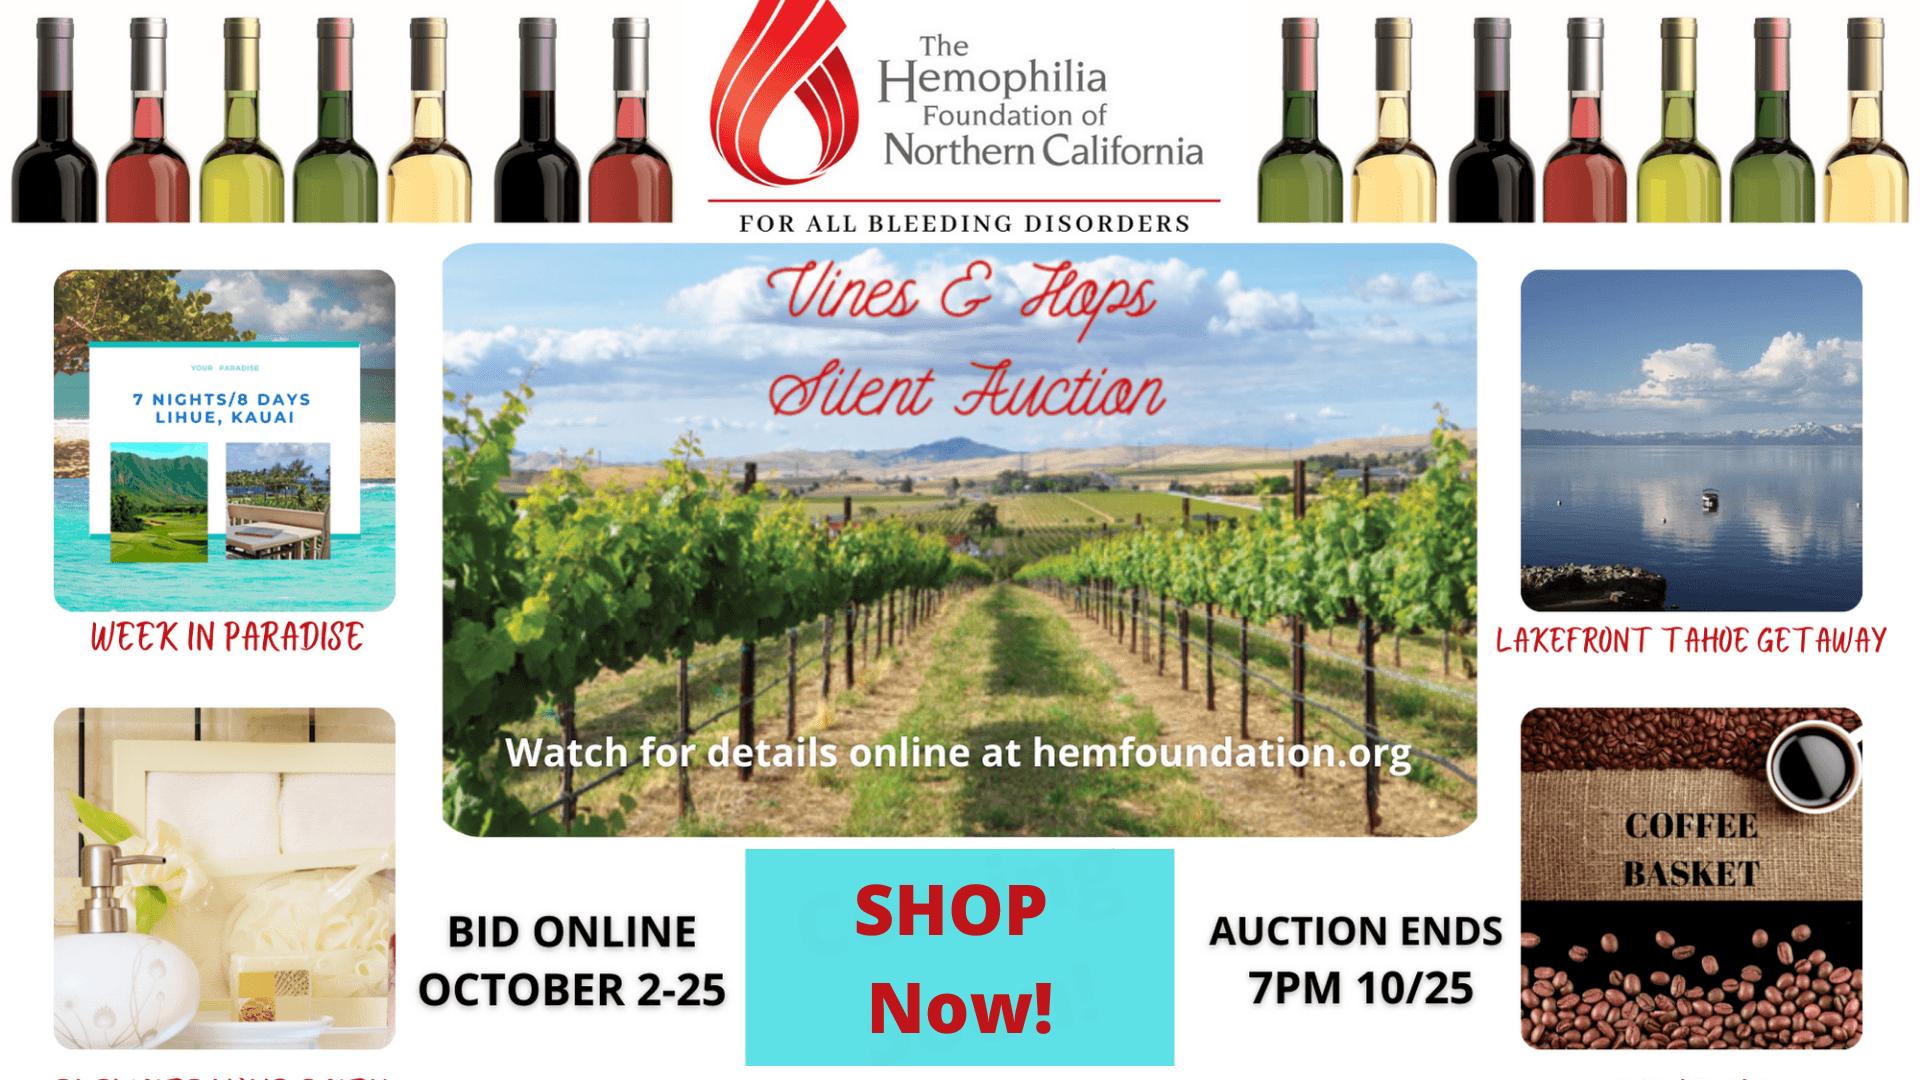 Vines & Hops Silent Auction Online